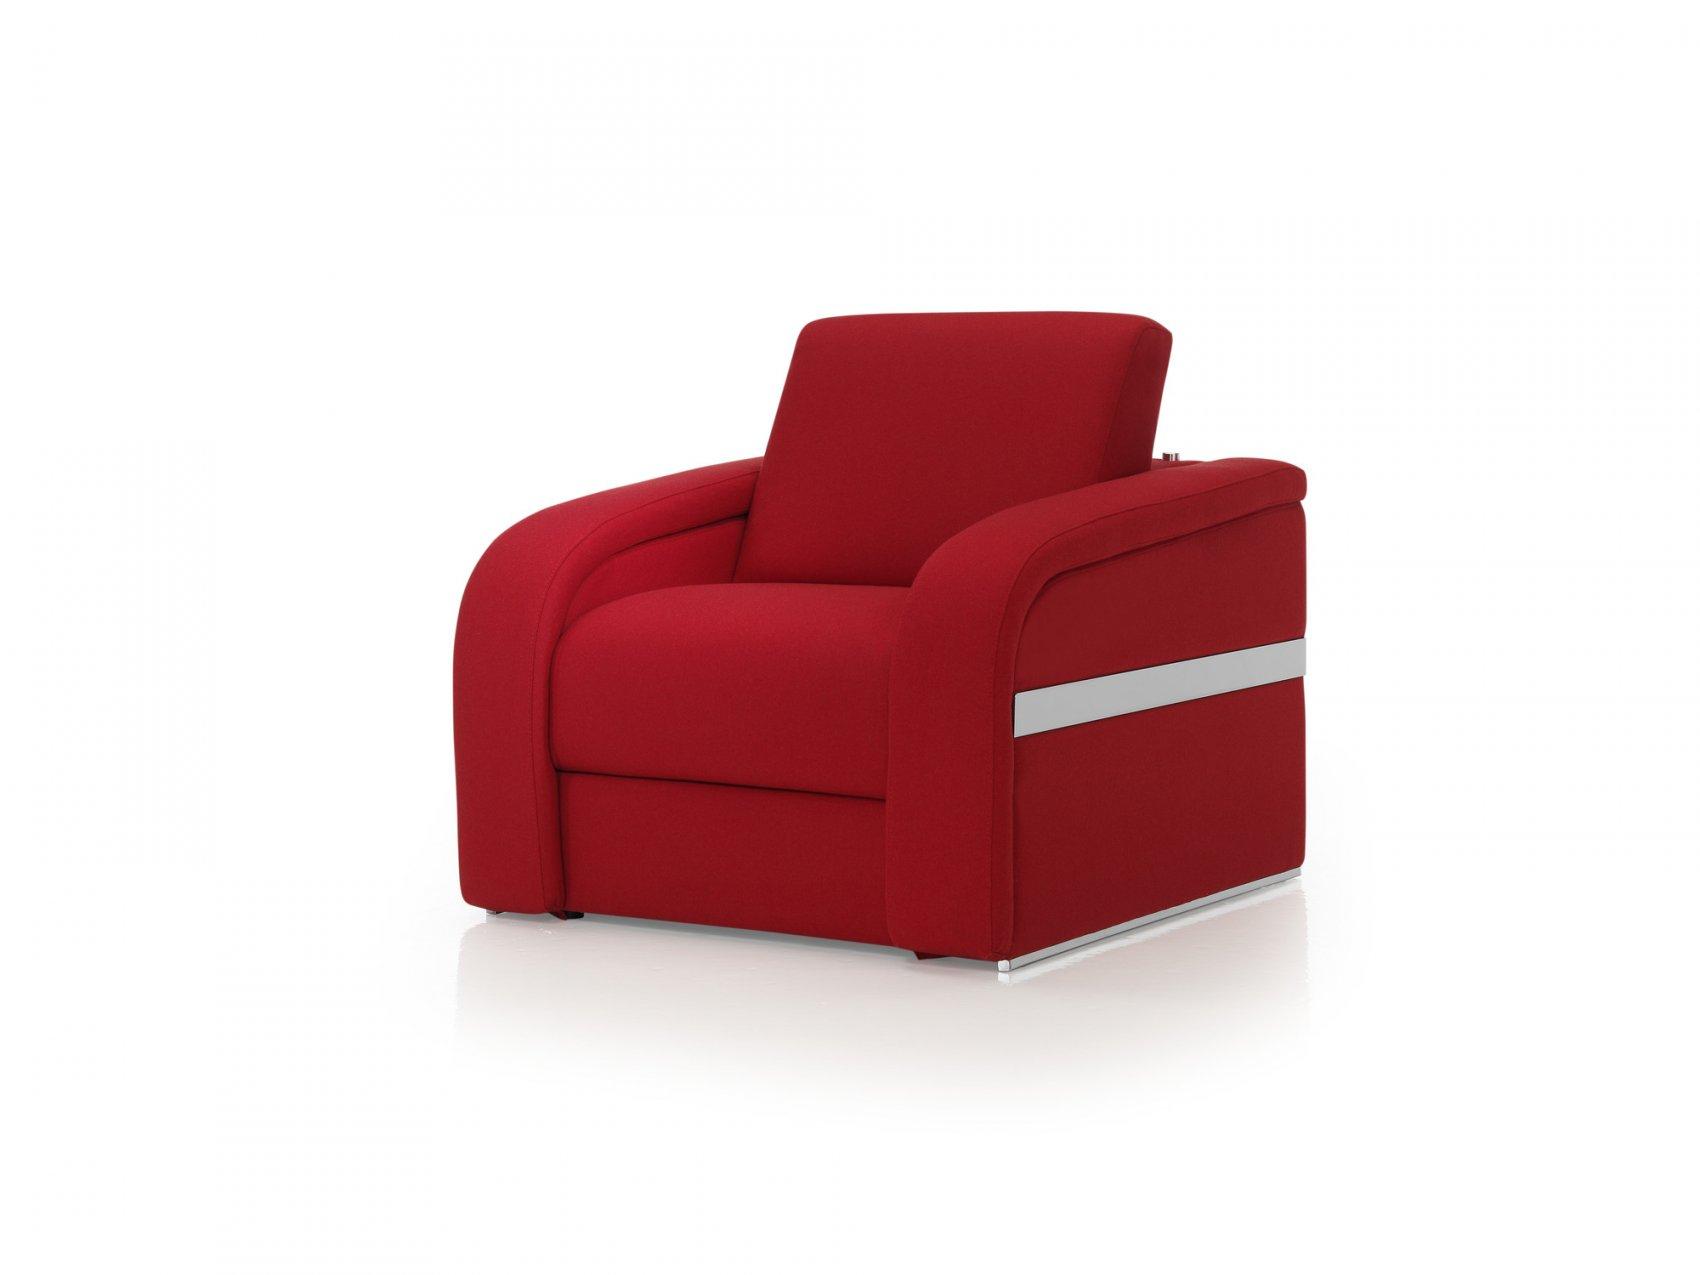 Fauteuil Convertible 1 Place Pas Cher fauteuil